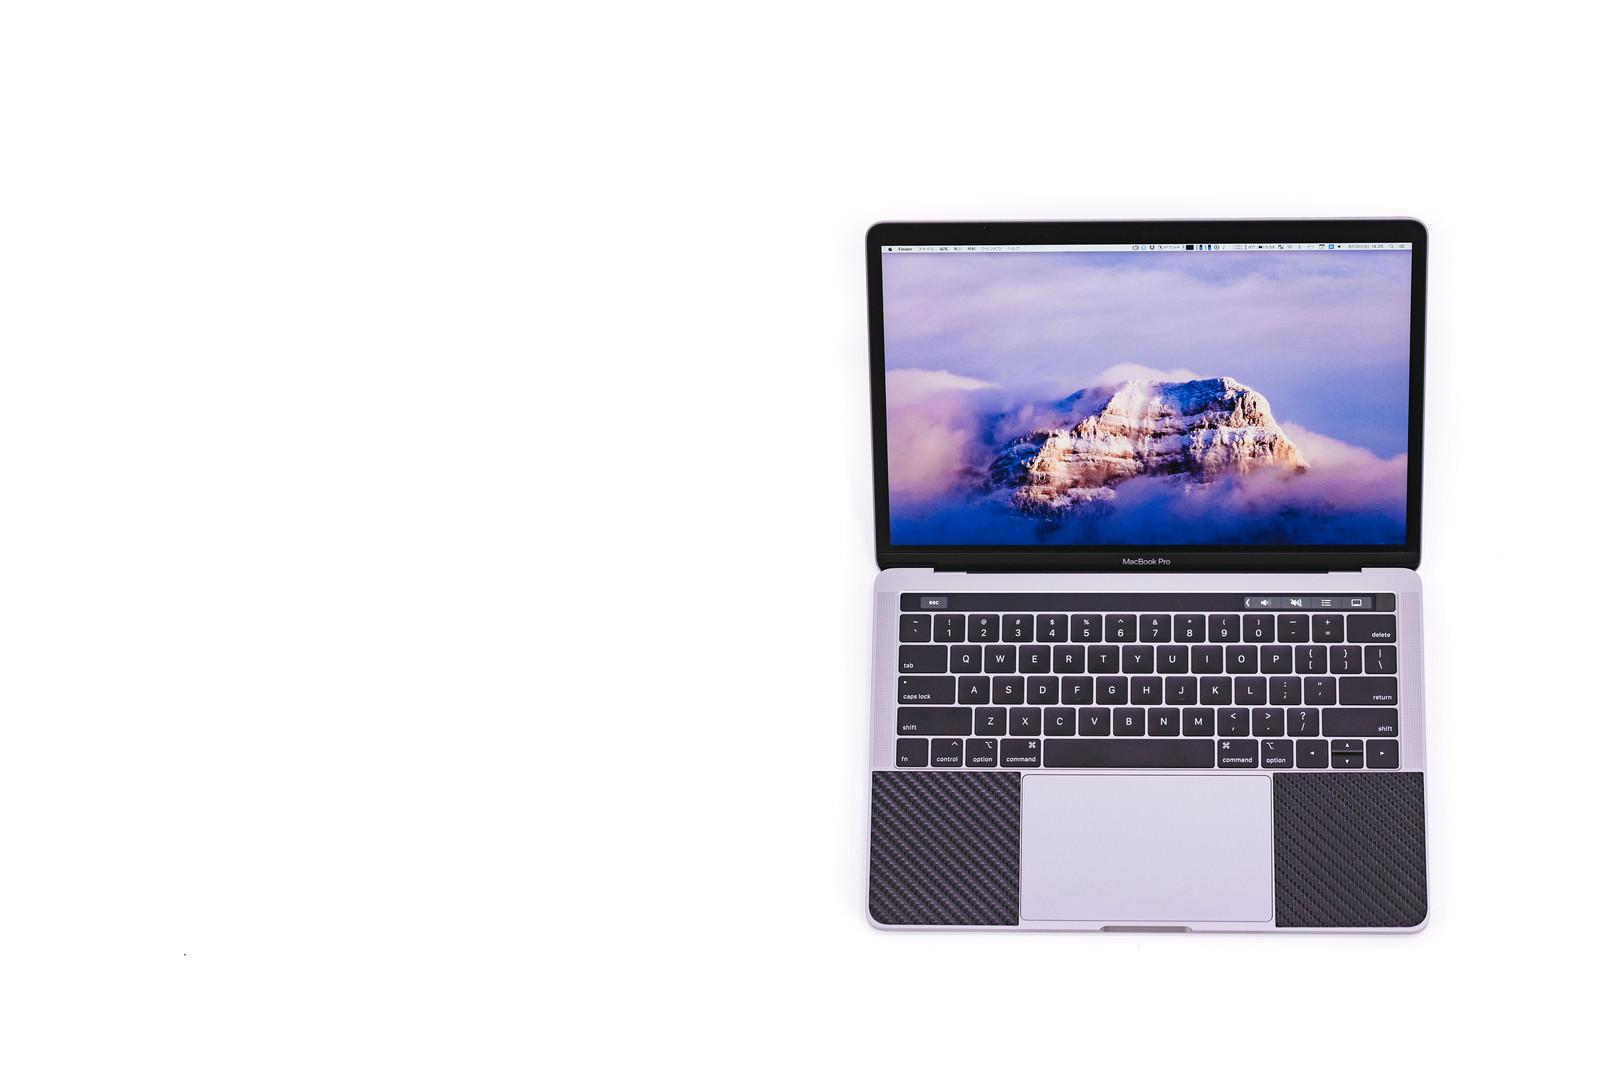 「MacBook Pro 2018 13インチディスプレイ | 写真の無料素材・フリー素材 - ぱくたそ」の写真